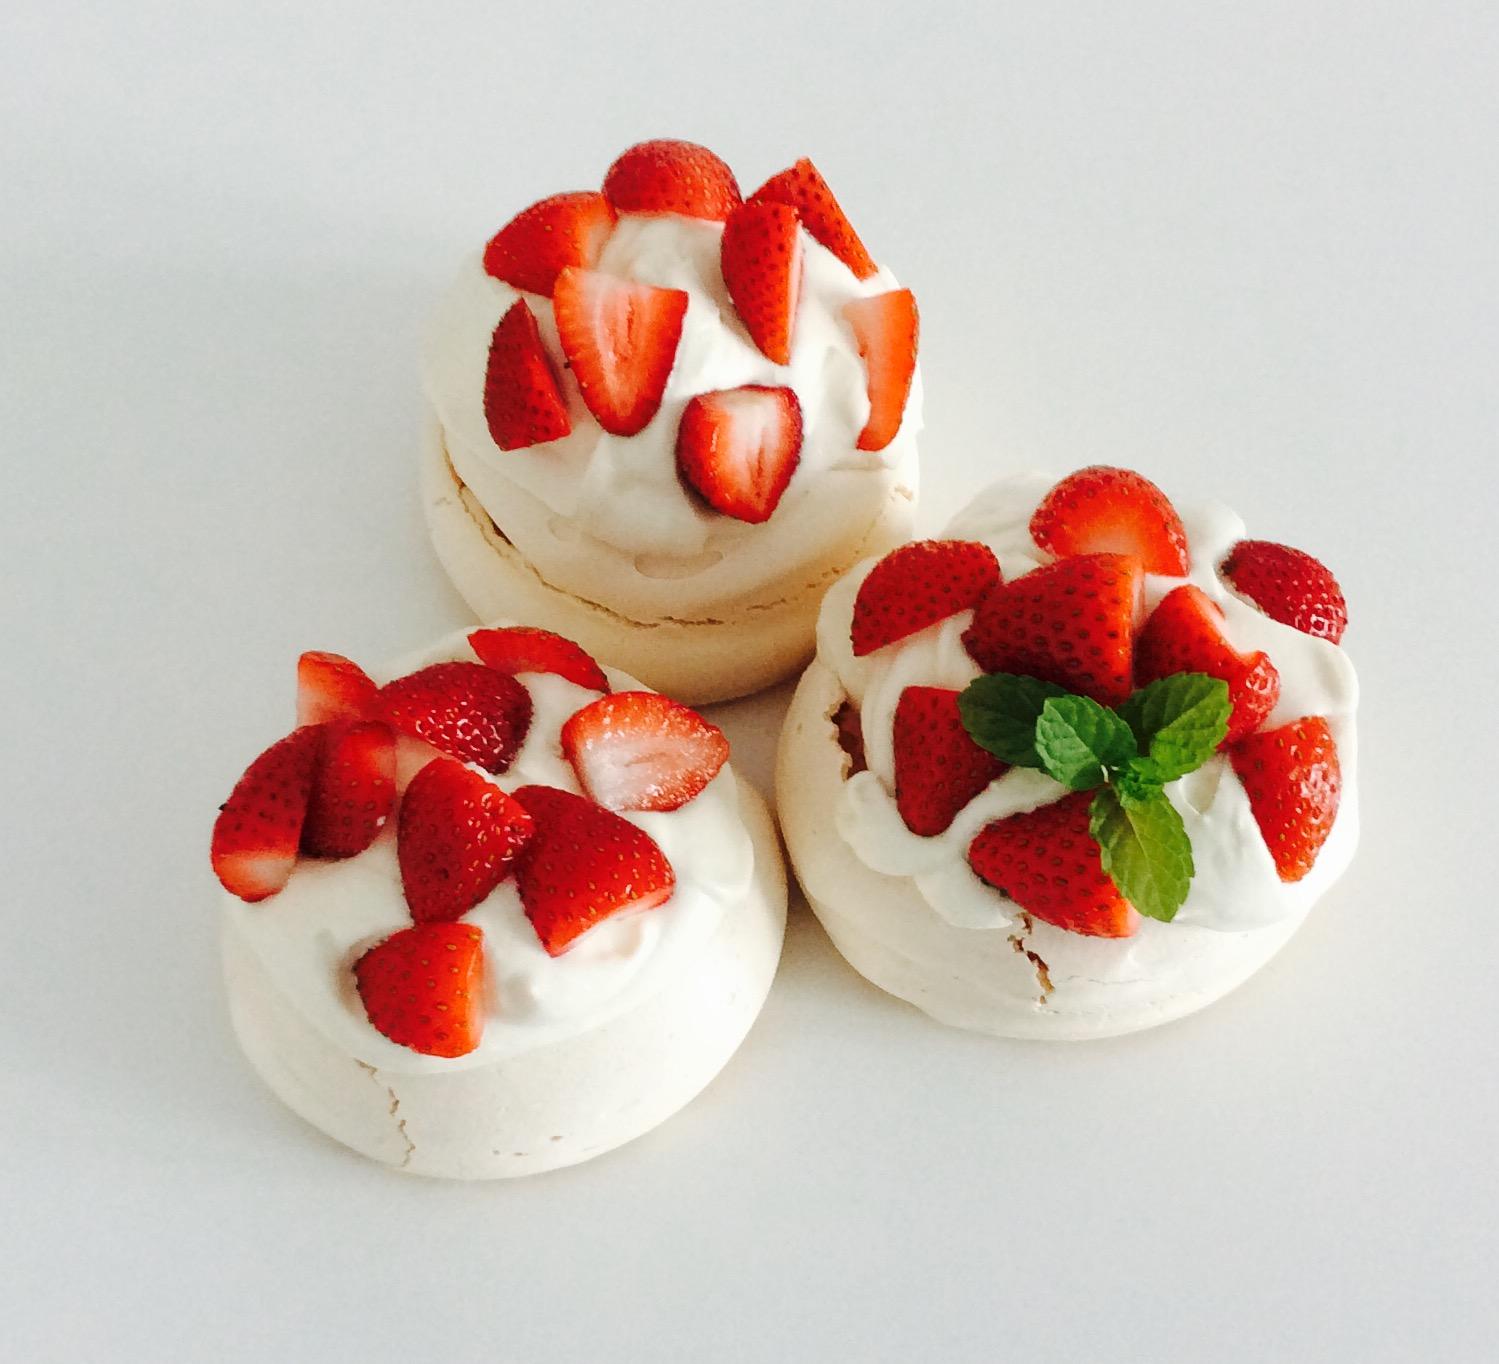 receta-pavlova-fresas-ido-1